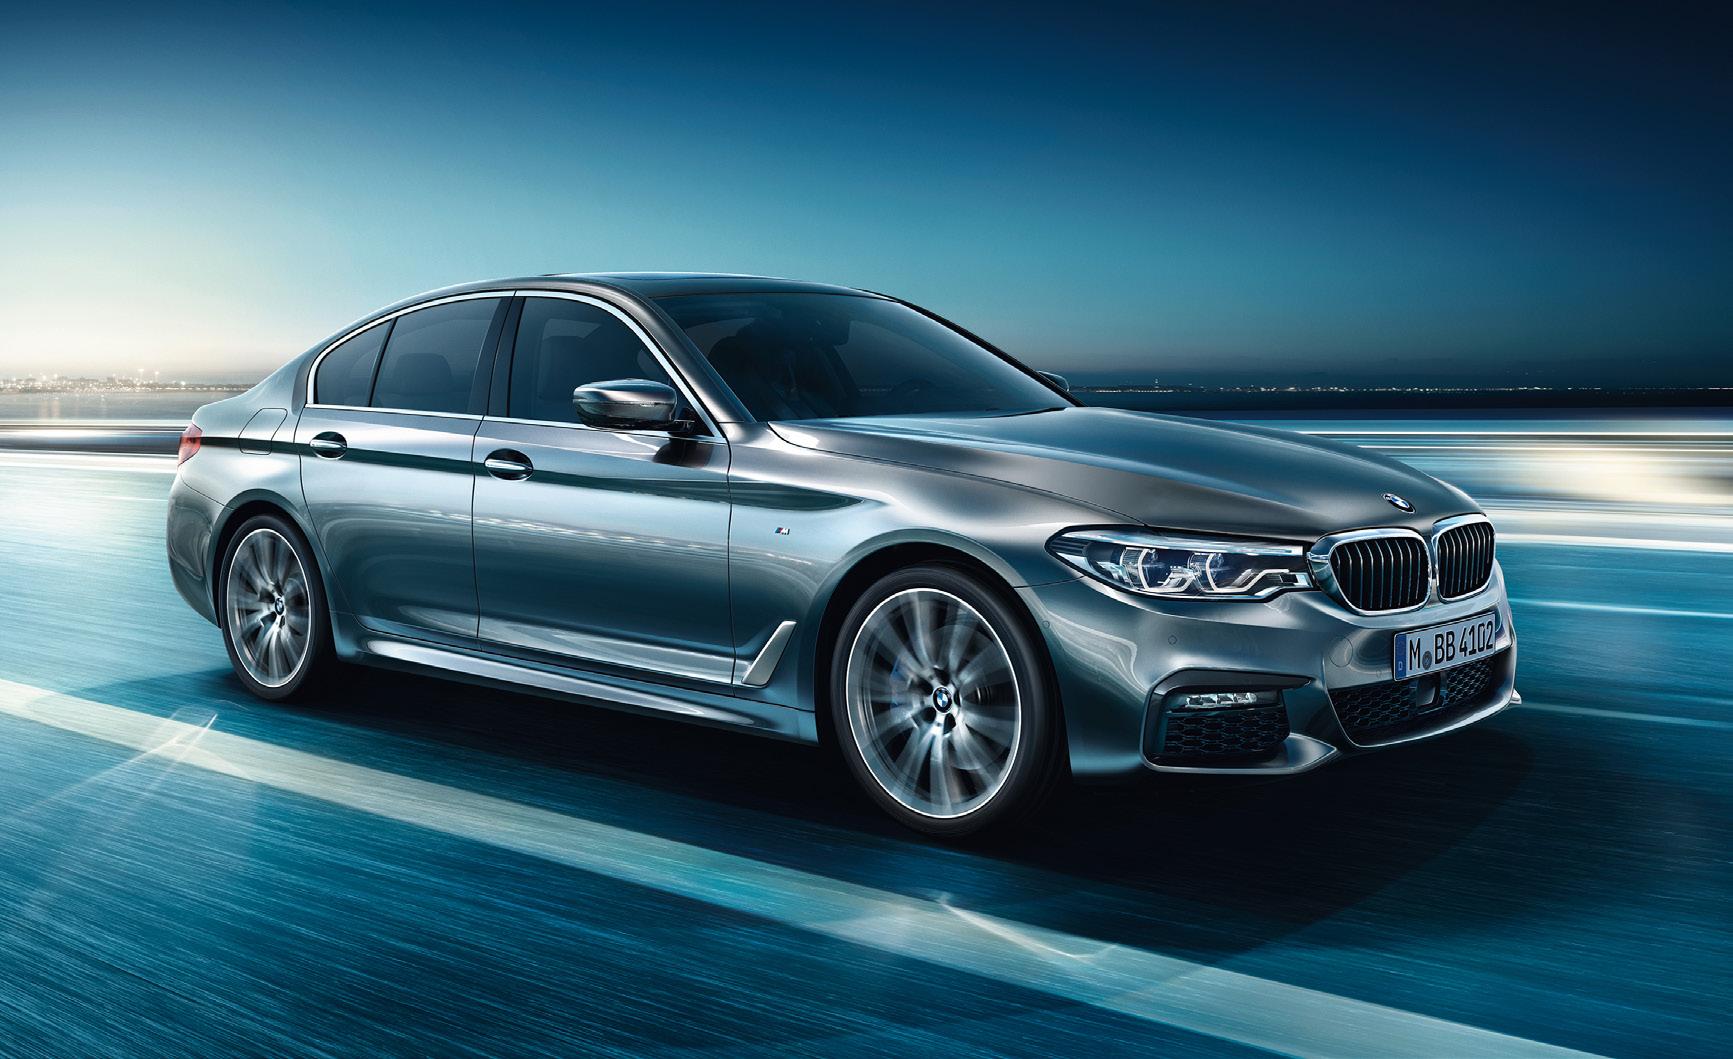 Ein grauer 5er BMW der auf einer Straße fährt. Im Hintergrund erkennt man Wasser und Lichter.